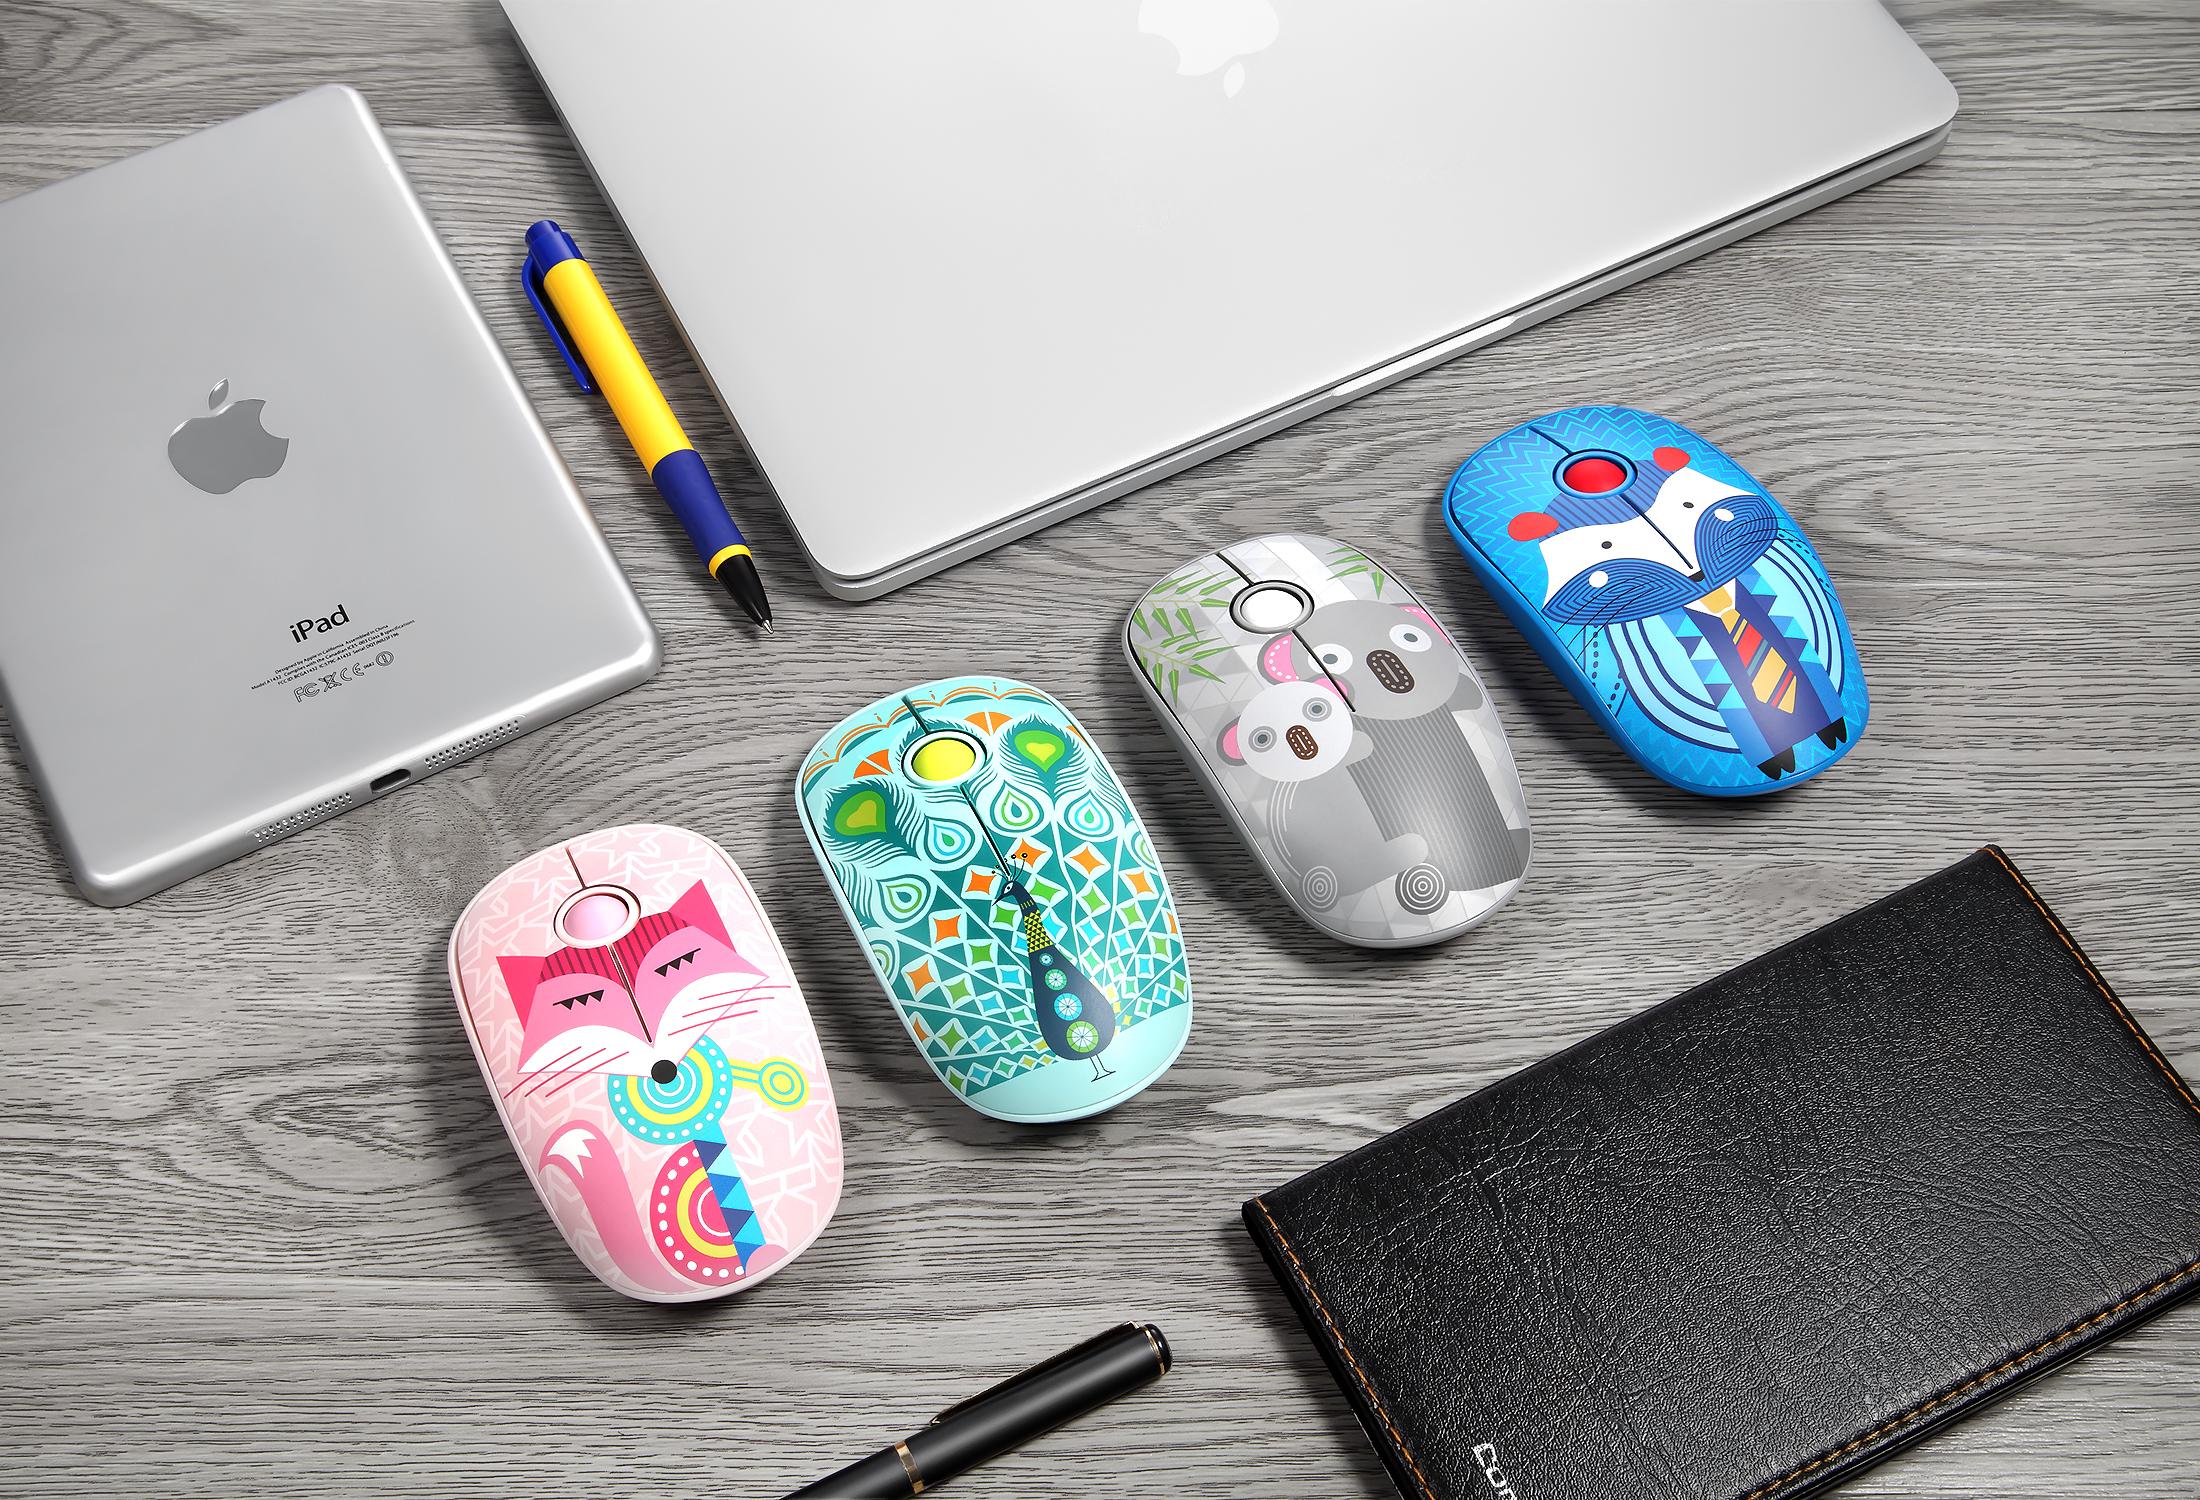 Chuột không dây Forder FD V8 - Mouse Wireless FD - V8 - Giao màu ngẫu nhiên - Hàng Chính Hãng